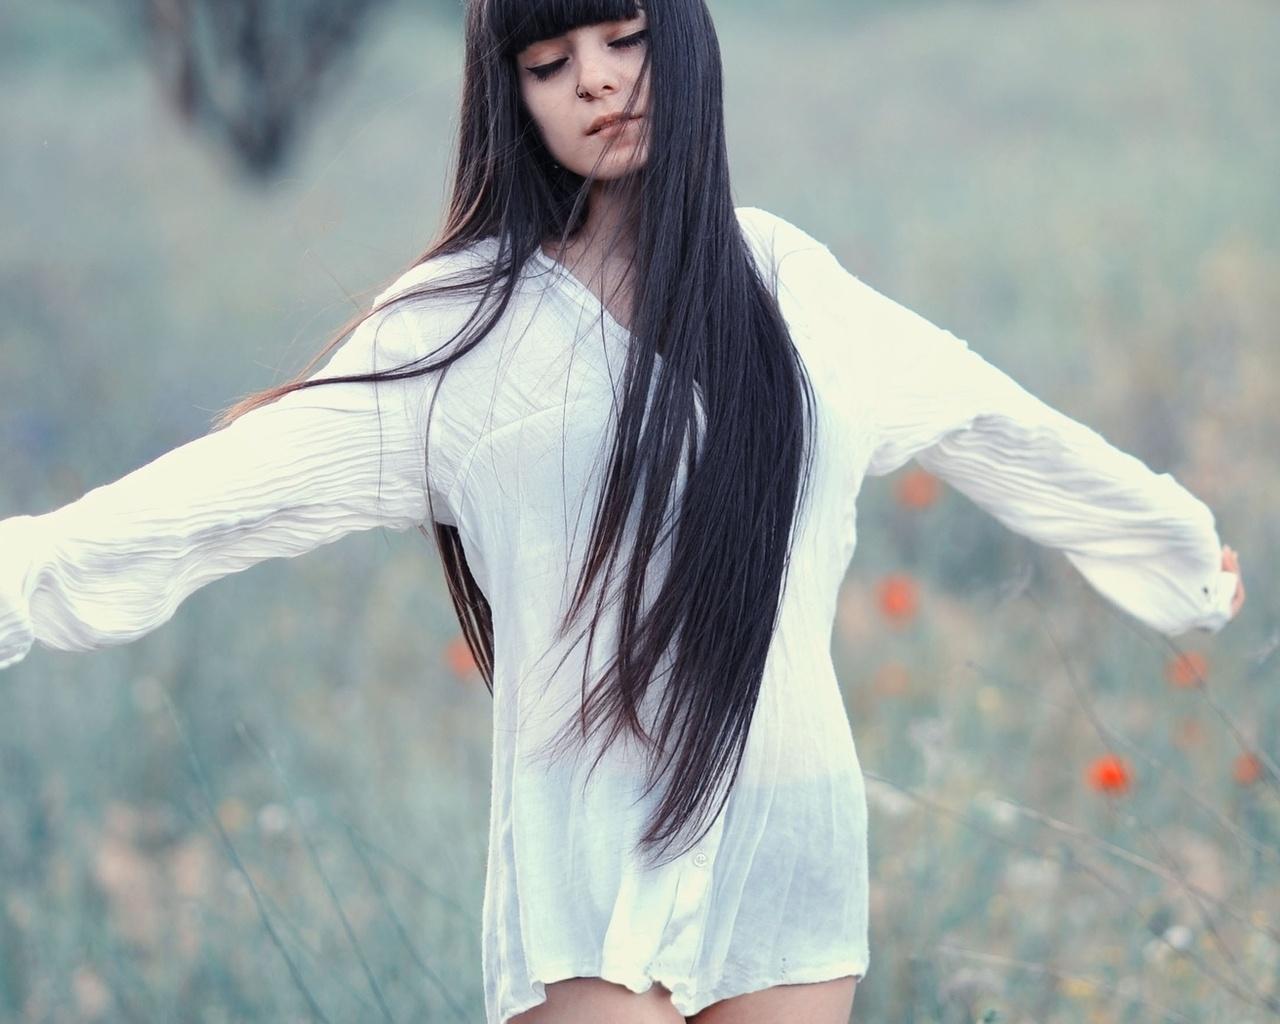 Фото девушек брюнеток с длинным волосам